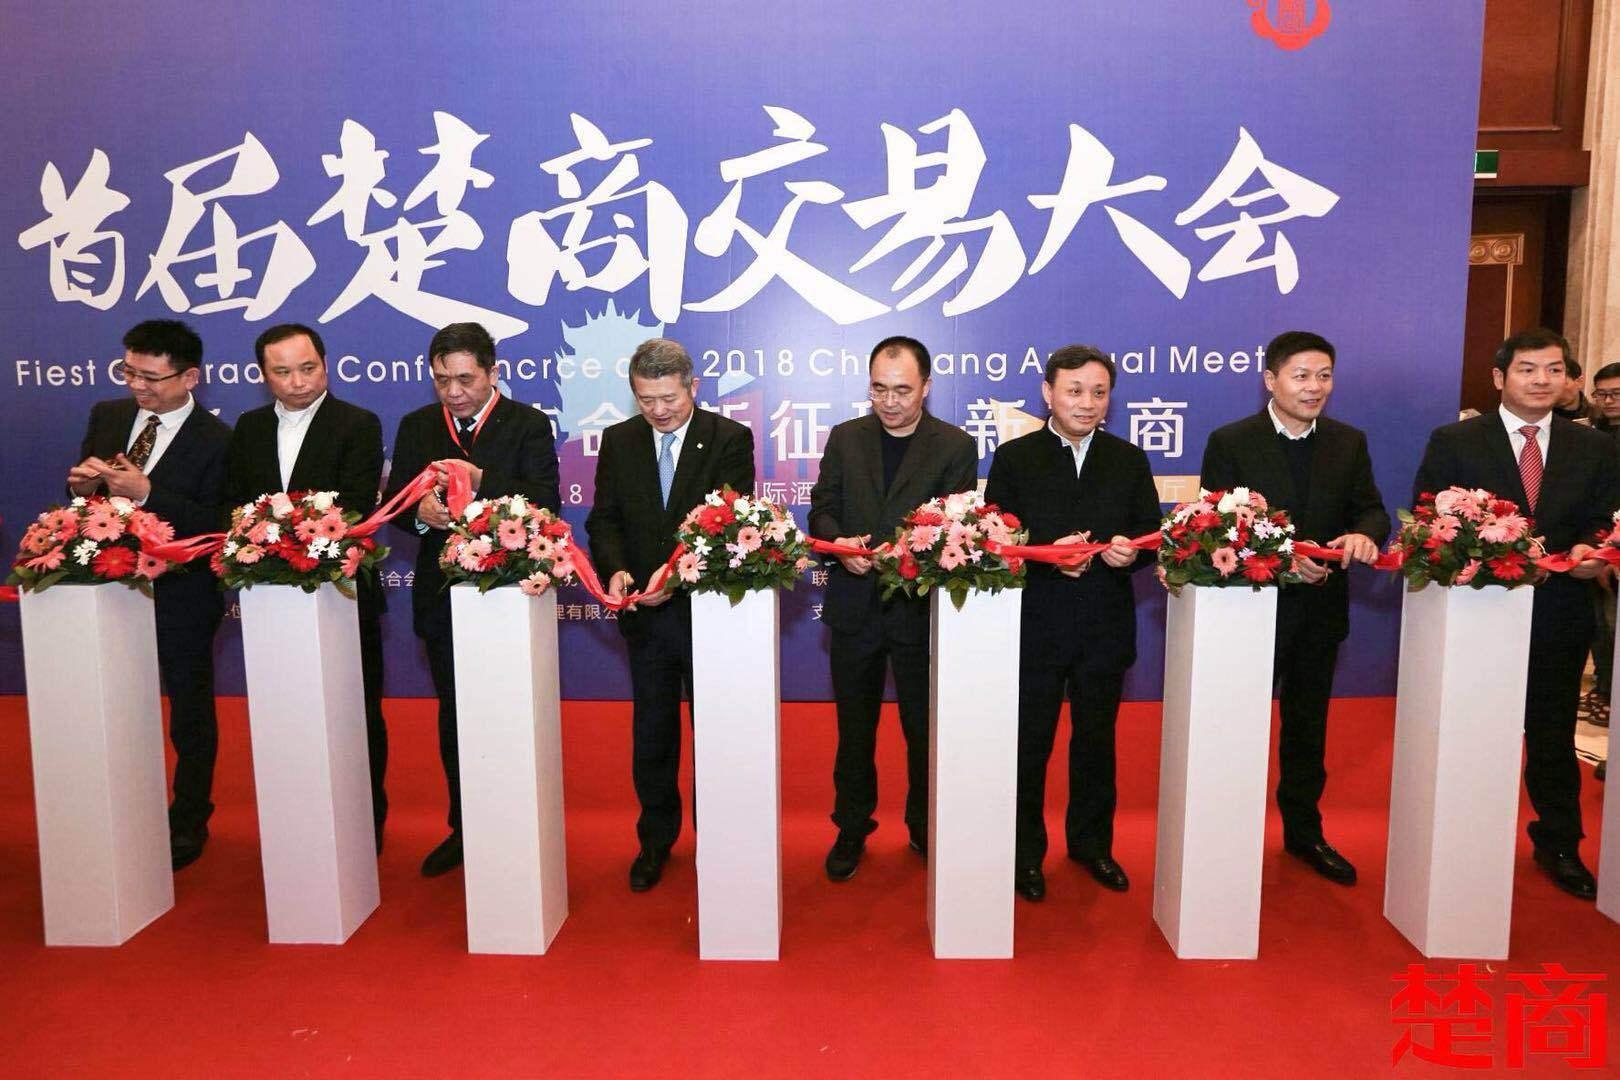 知名楚商齐聚江城 倡明年在汉举办世界大健康博览会